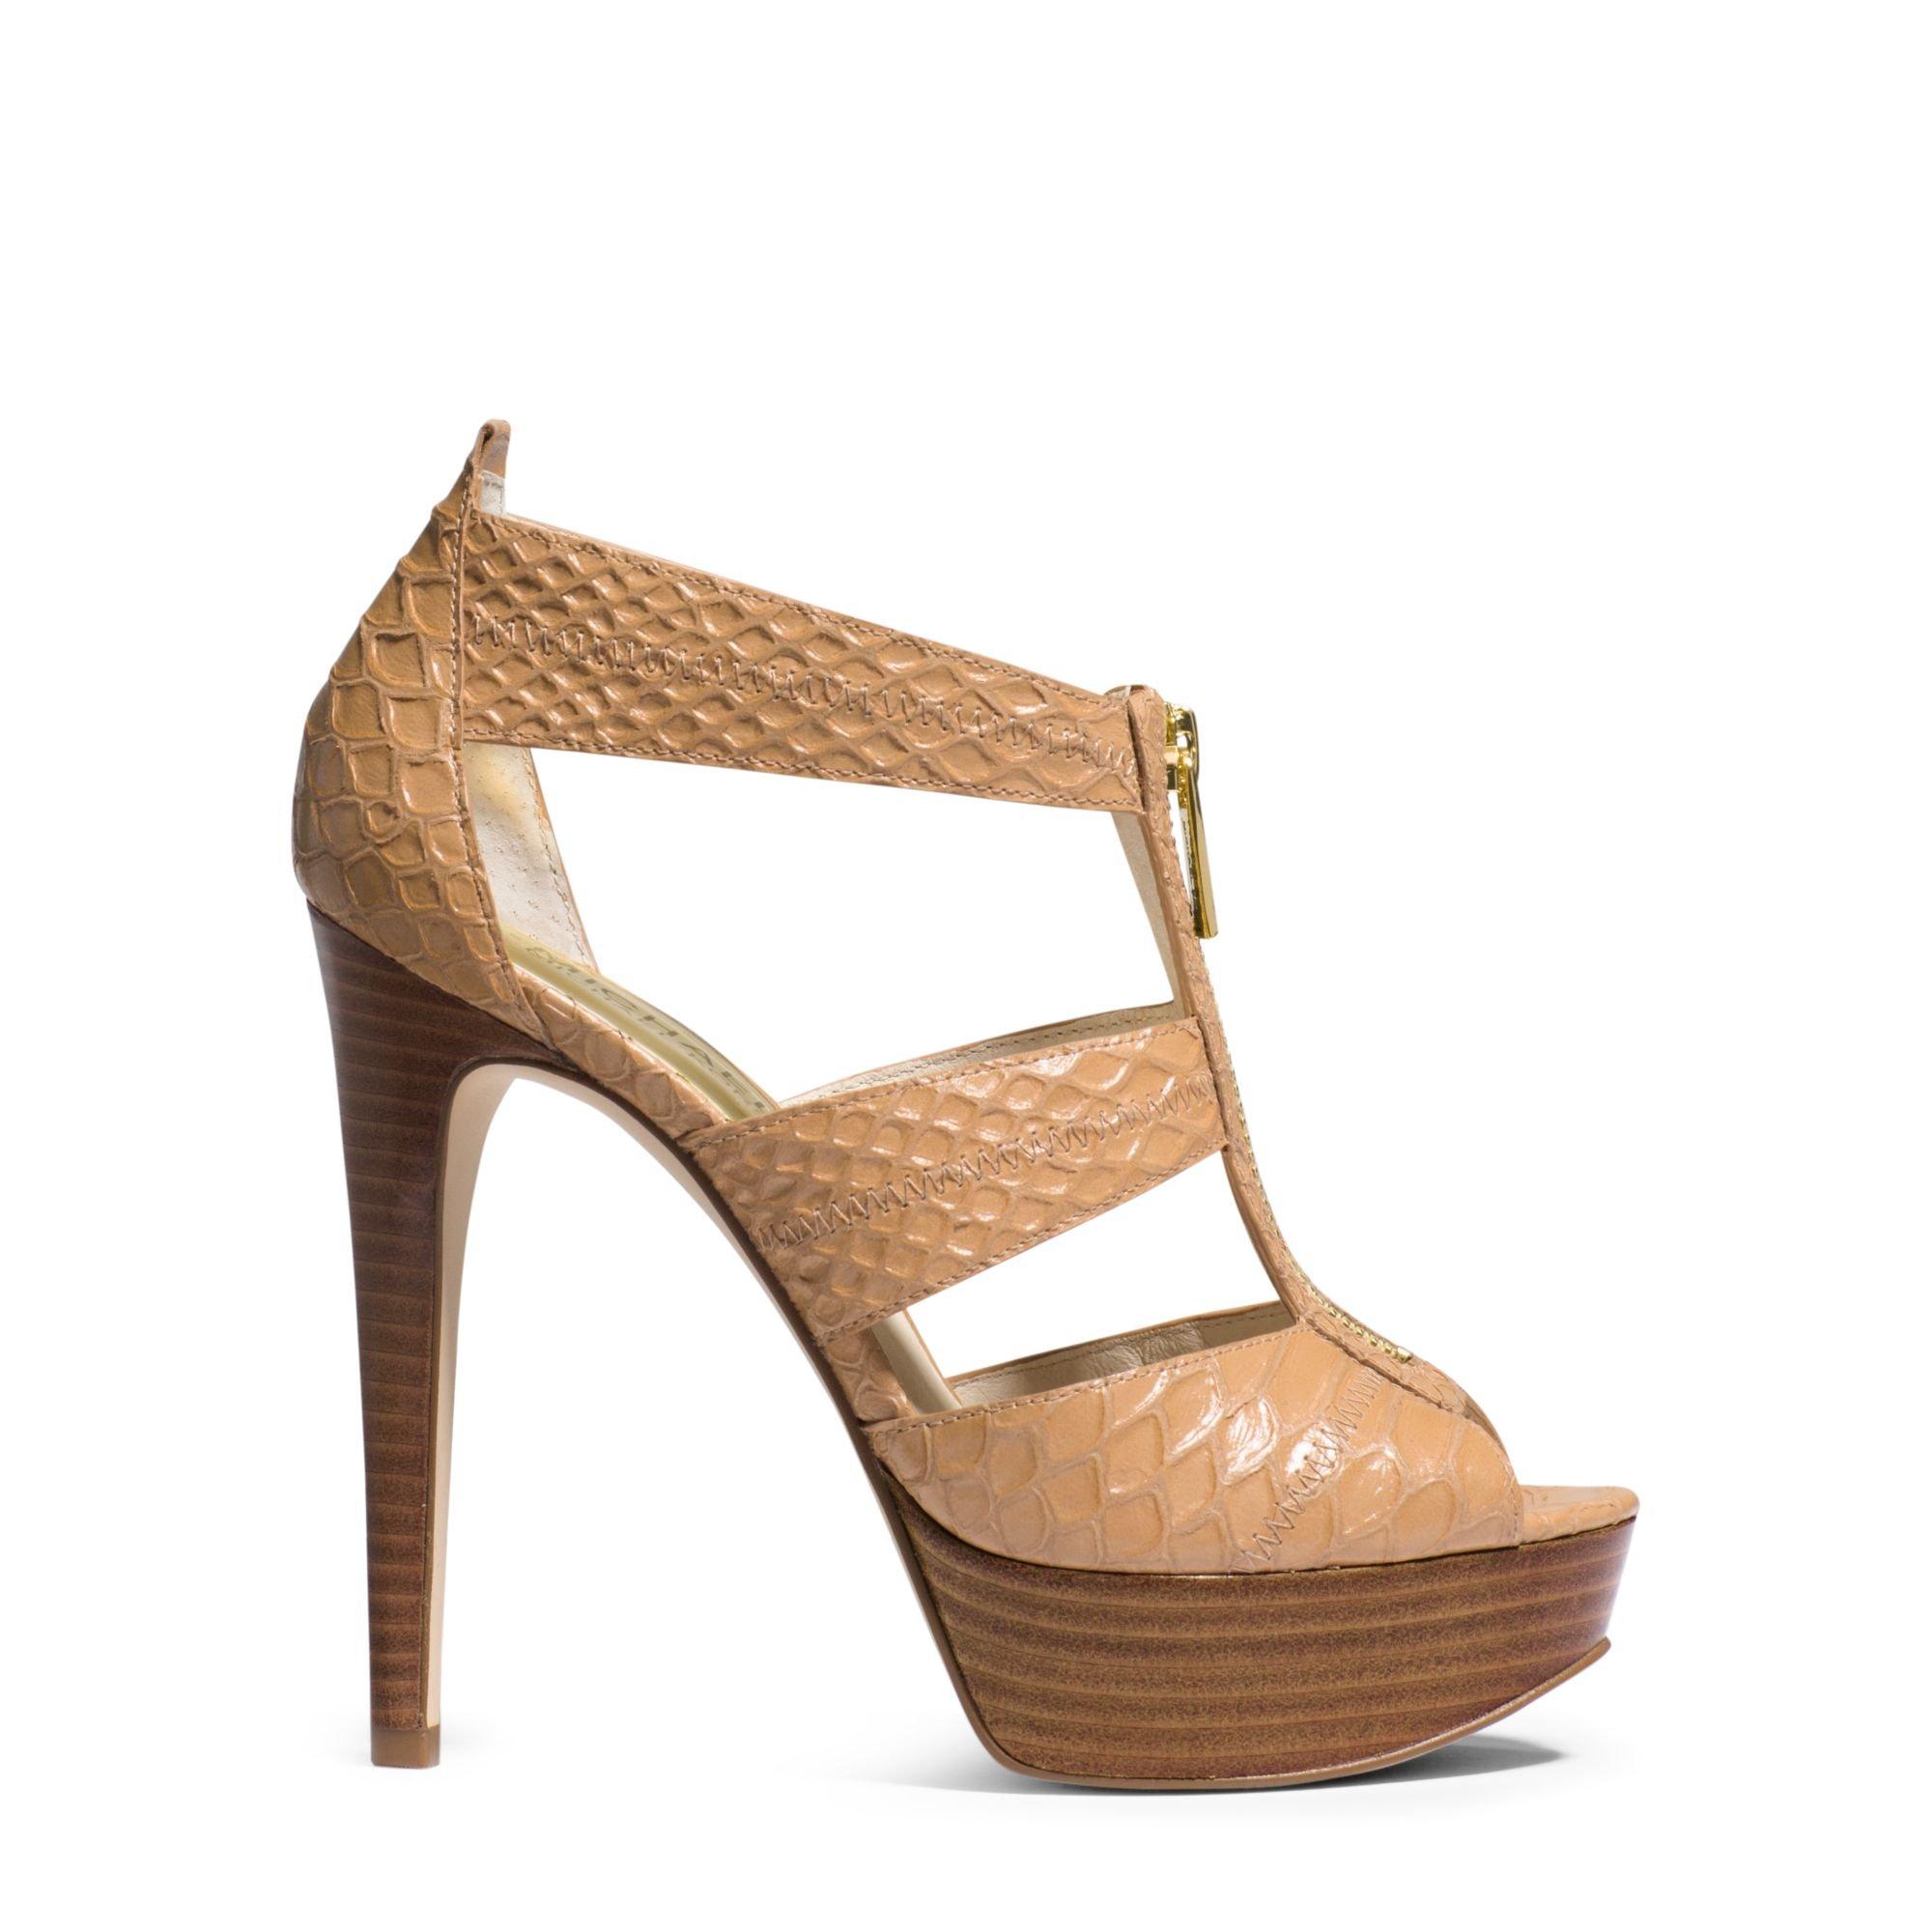 4e3b3e789610 Lyst - Michael Kors Berkley Embossed-leather Platform Sandal